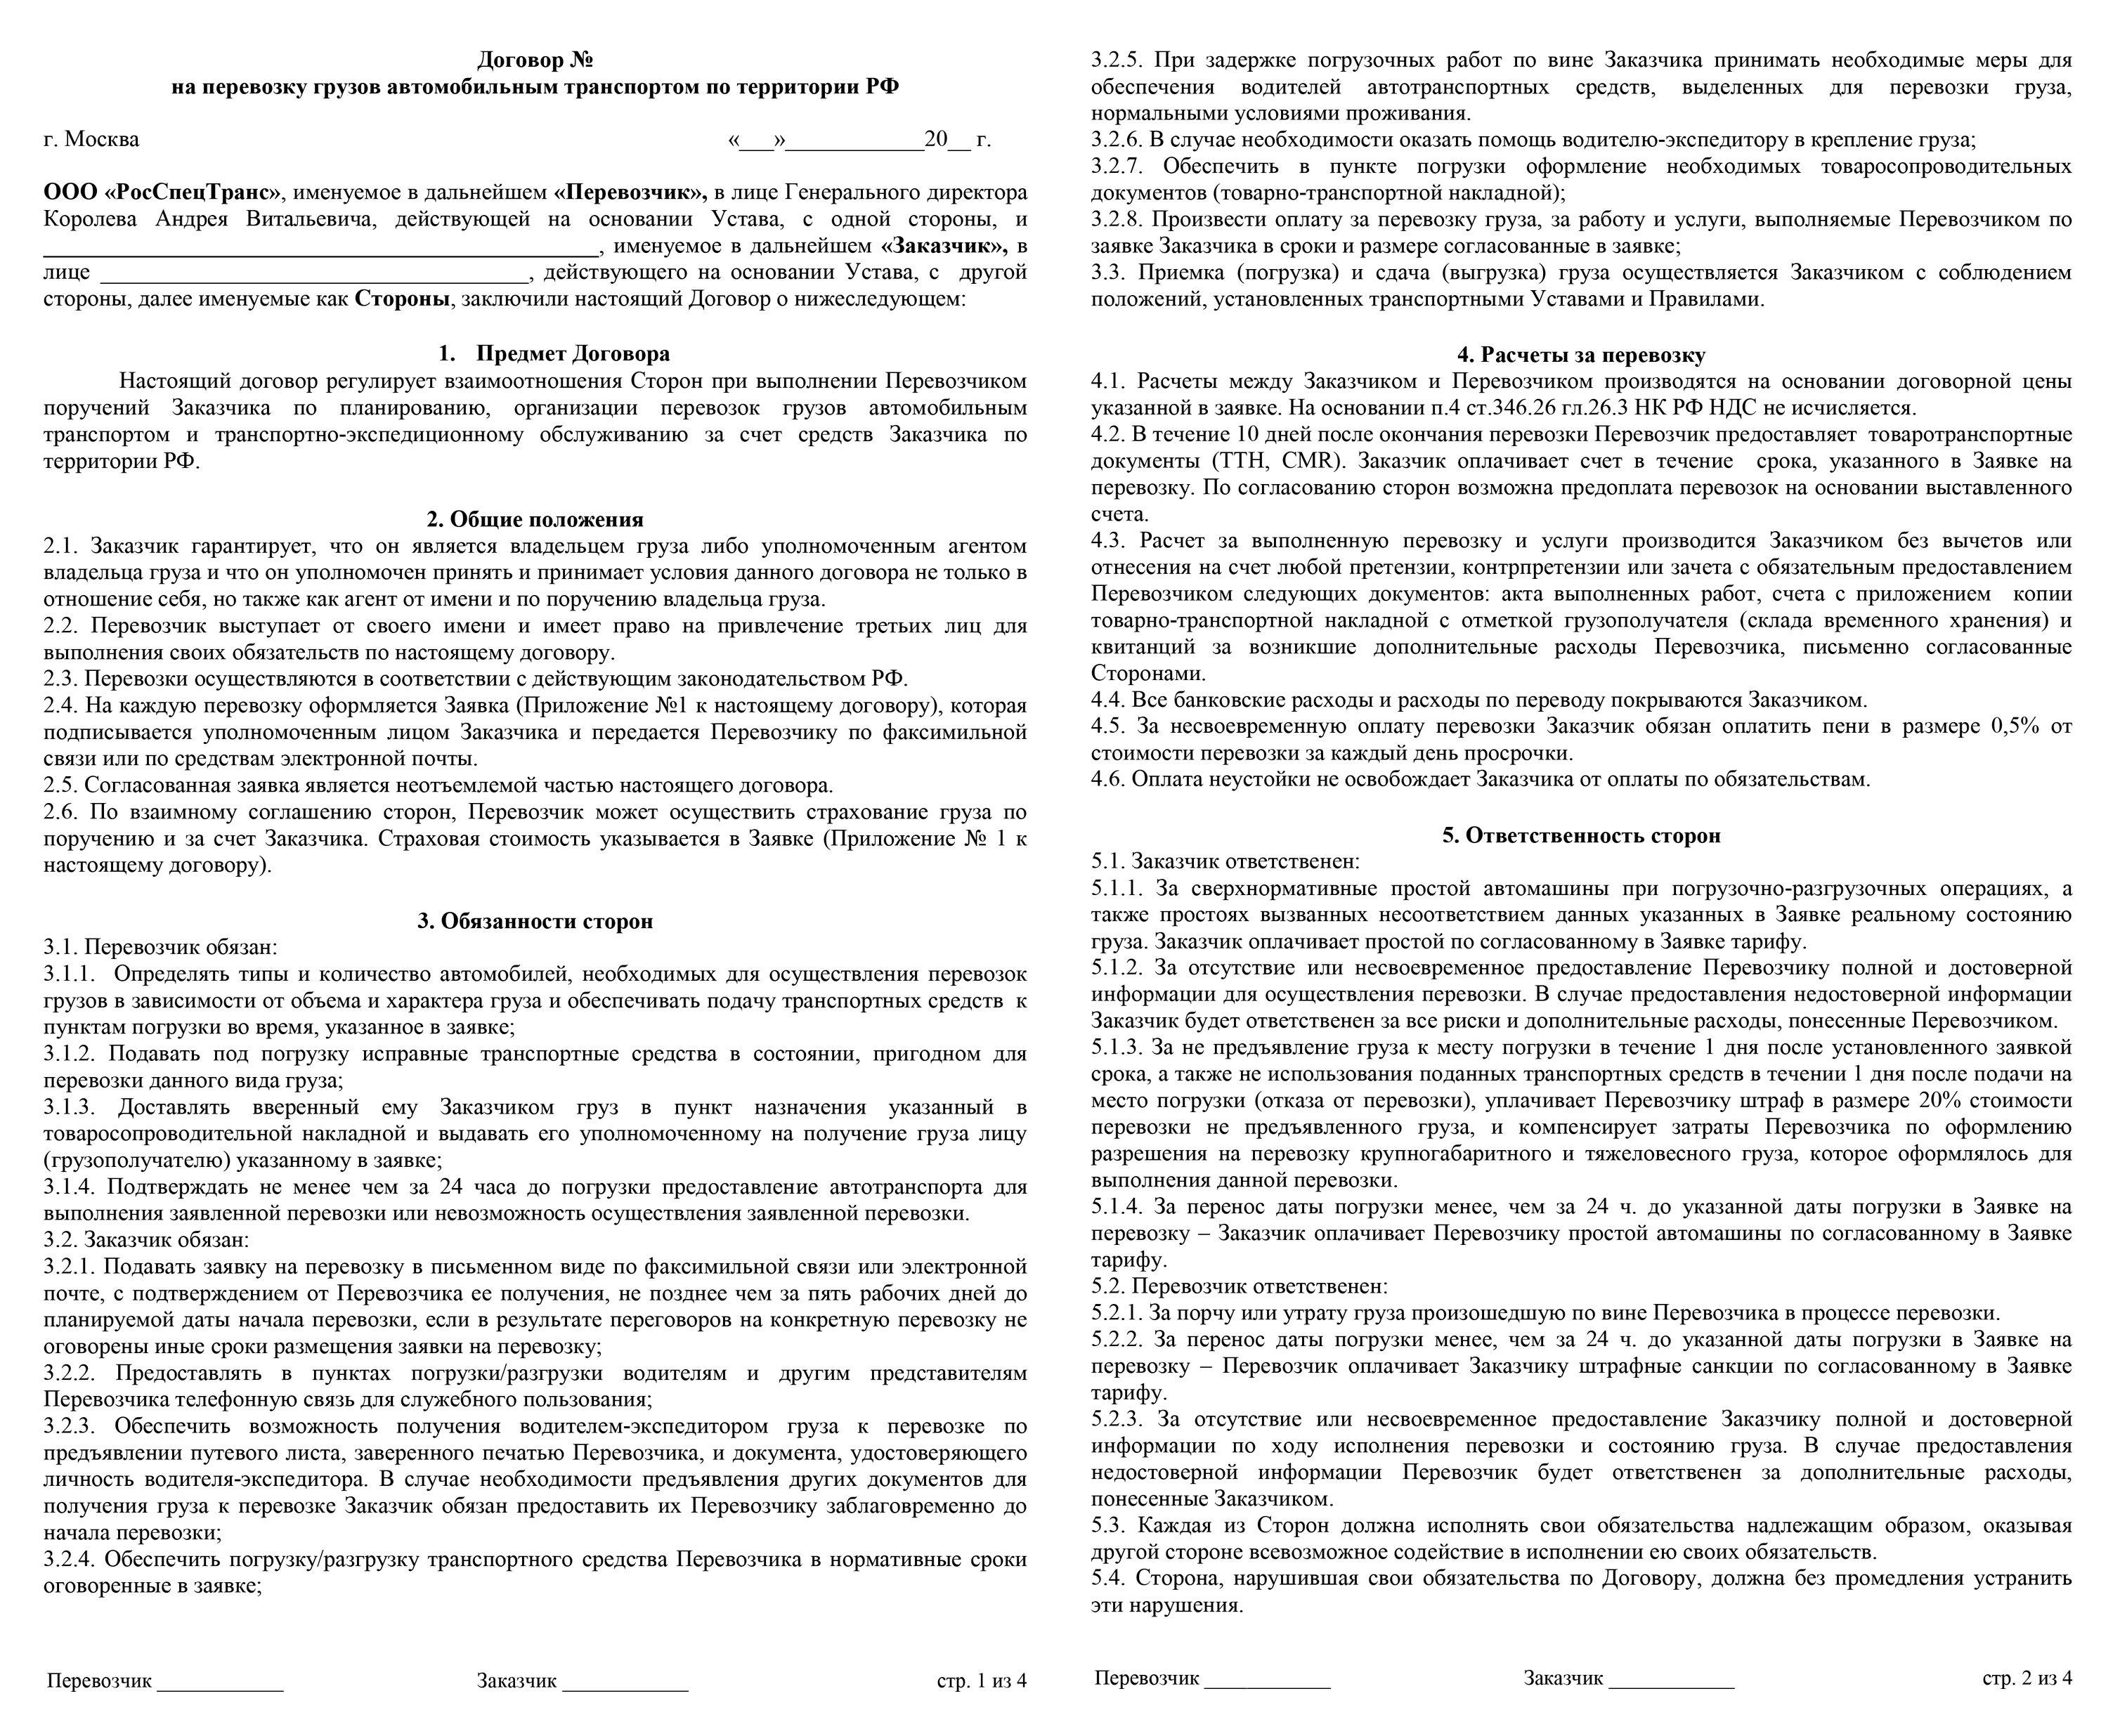 Договор сотрудничества между физическими лицами